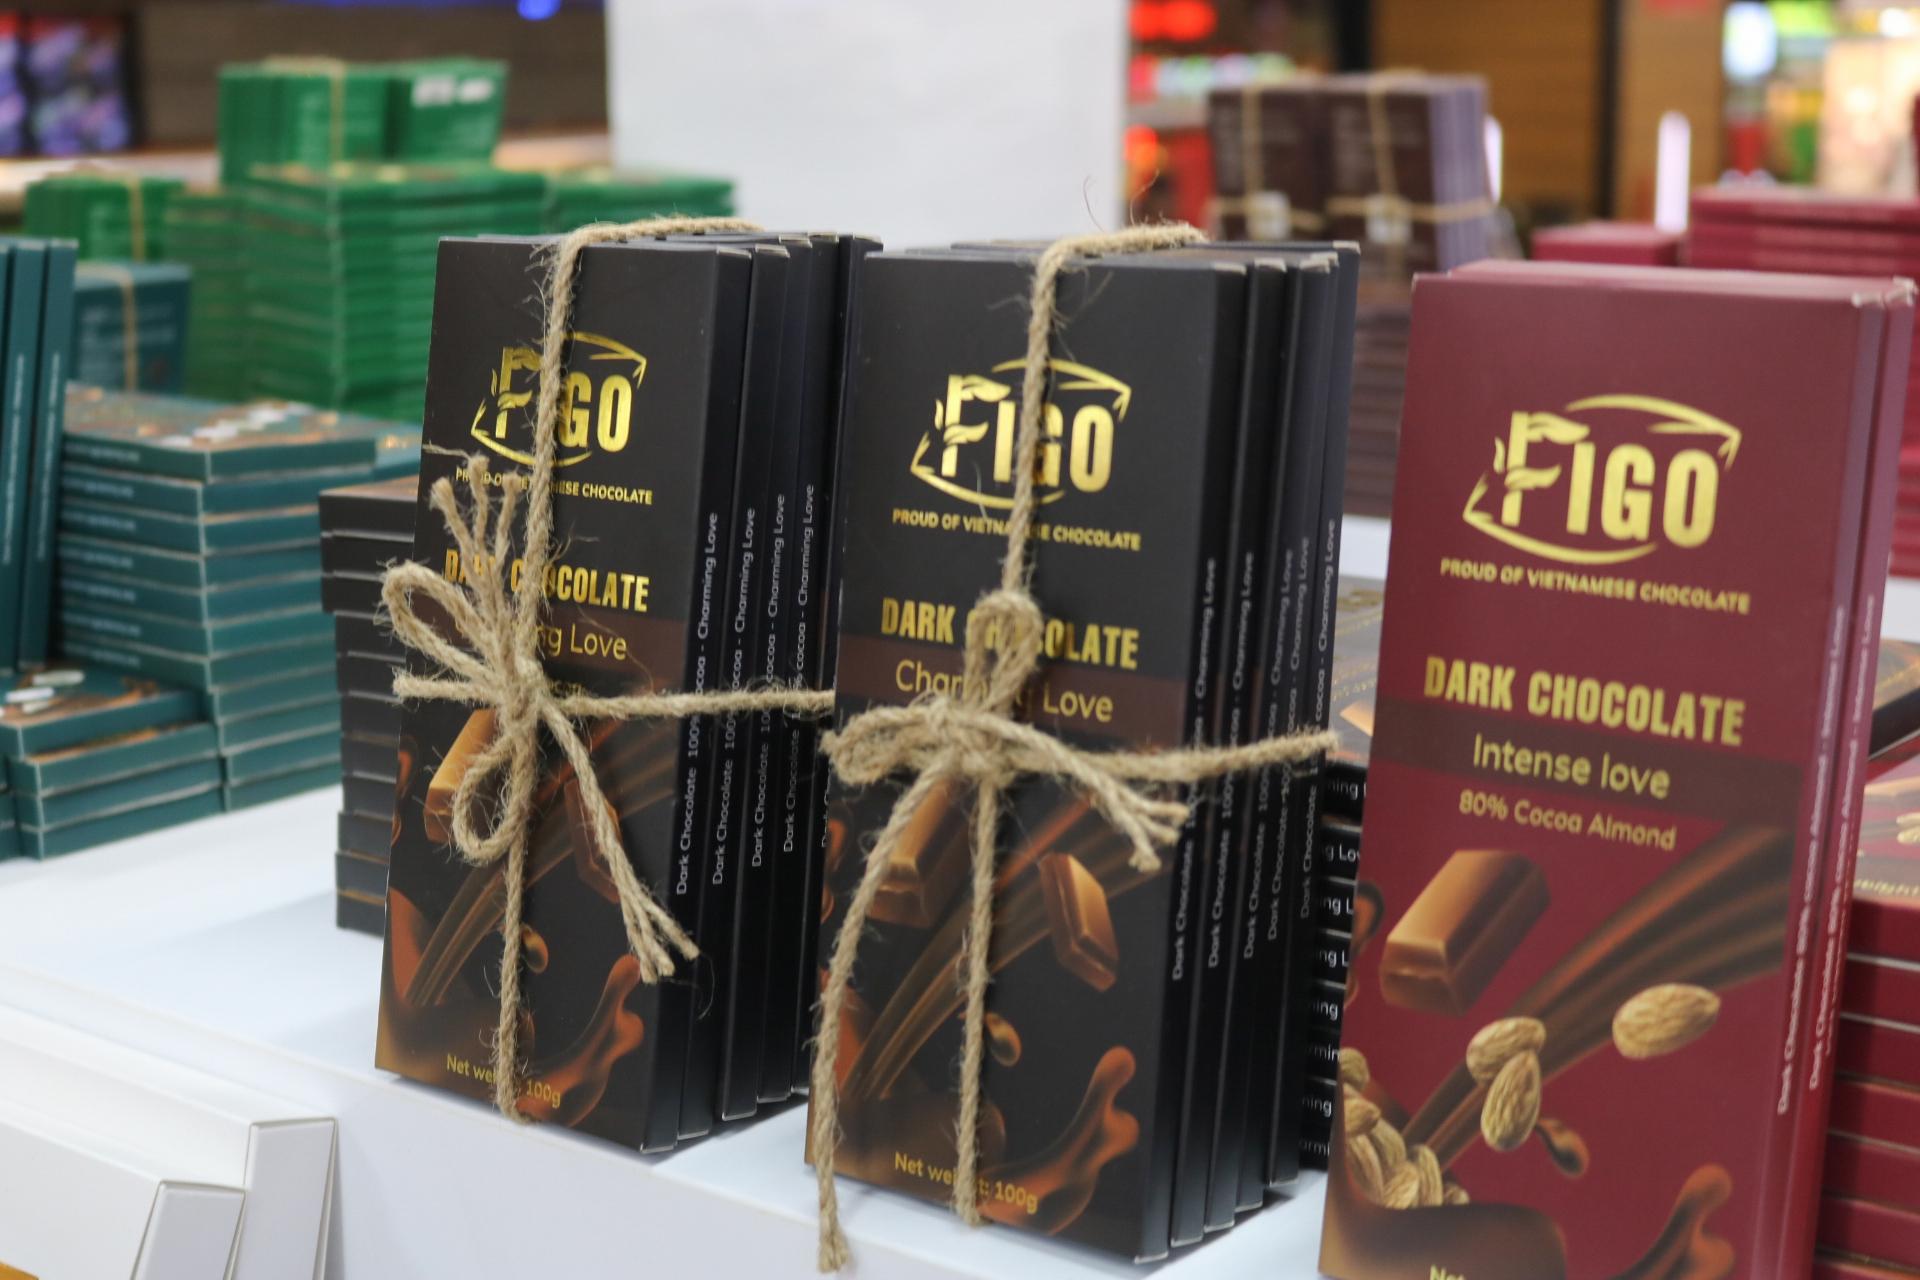 Mua Socola đen - Socola sữa ngon ở Thành Phố Huế ?